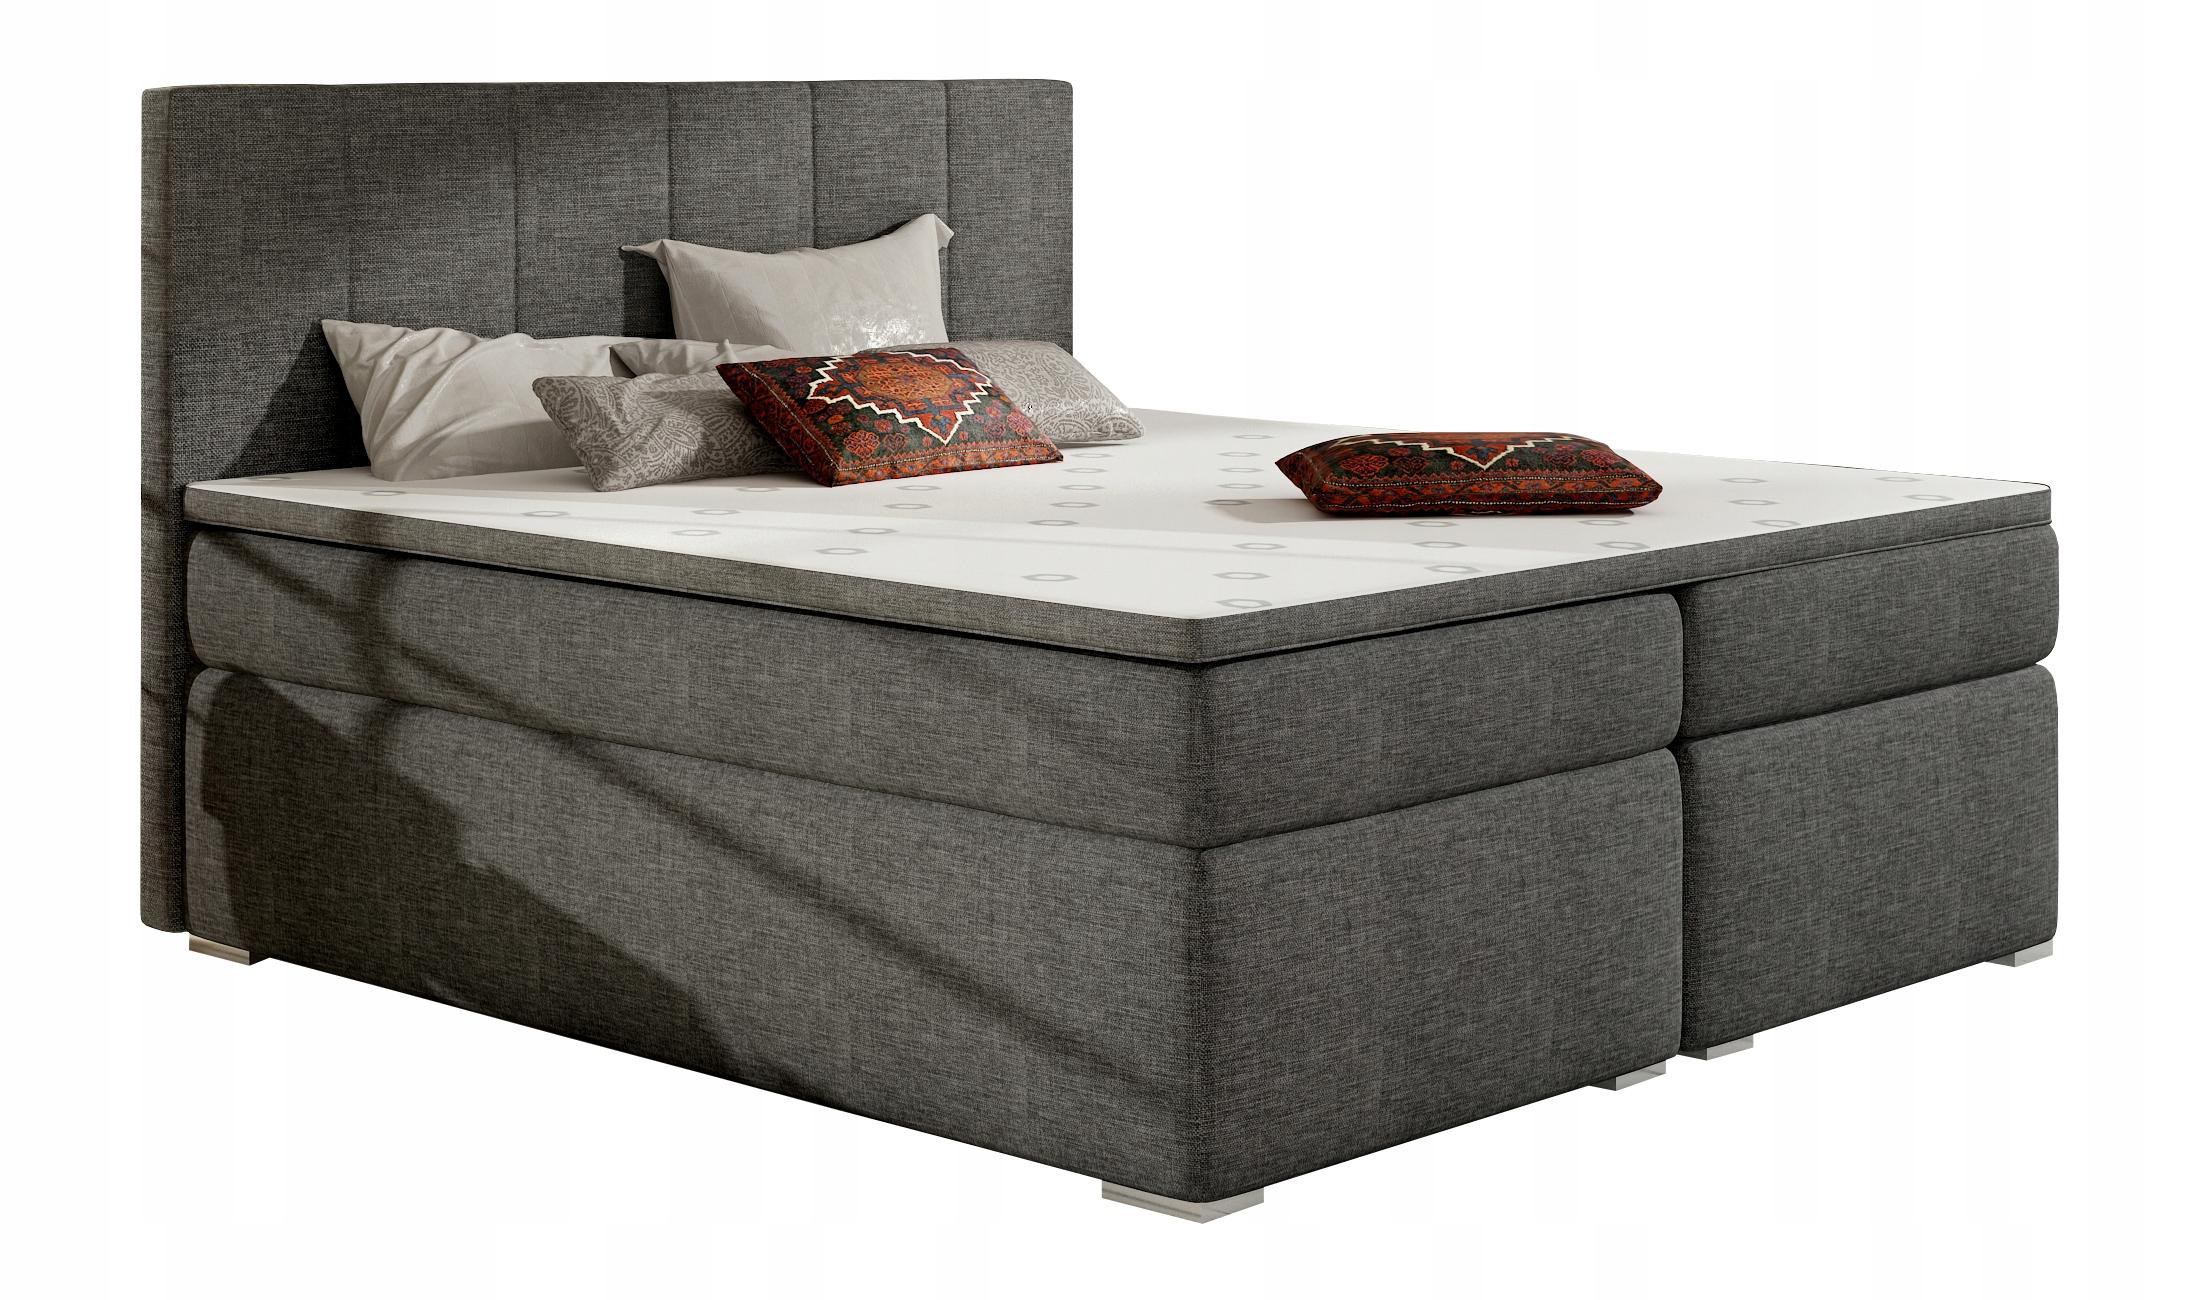 łóżko Do Sypialni Hotelowe Bolero 160x200 Ribes 7446234651